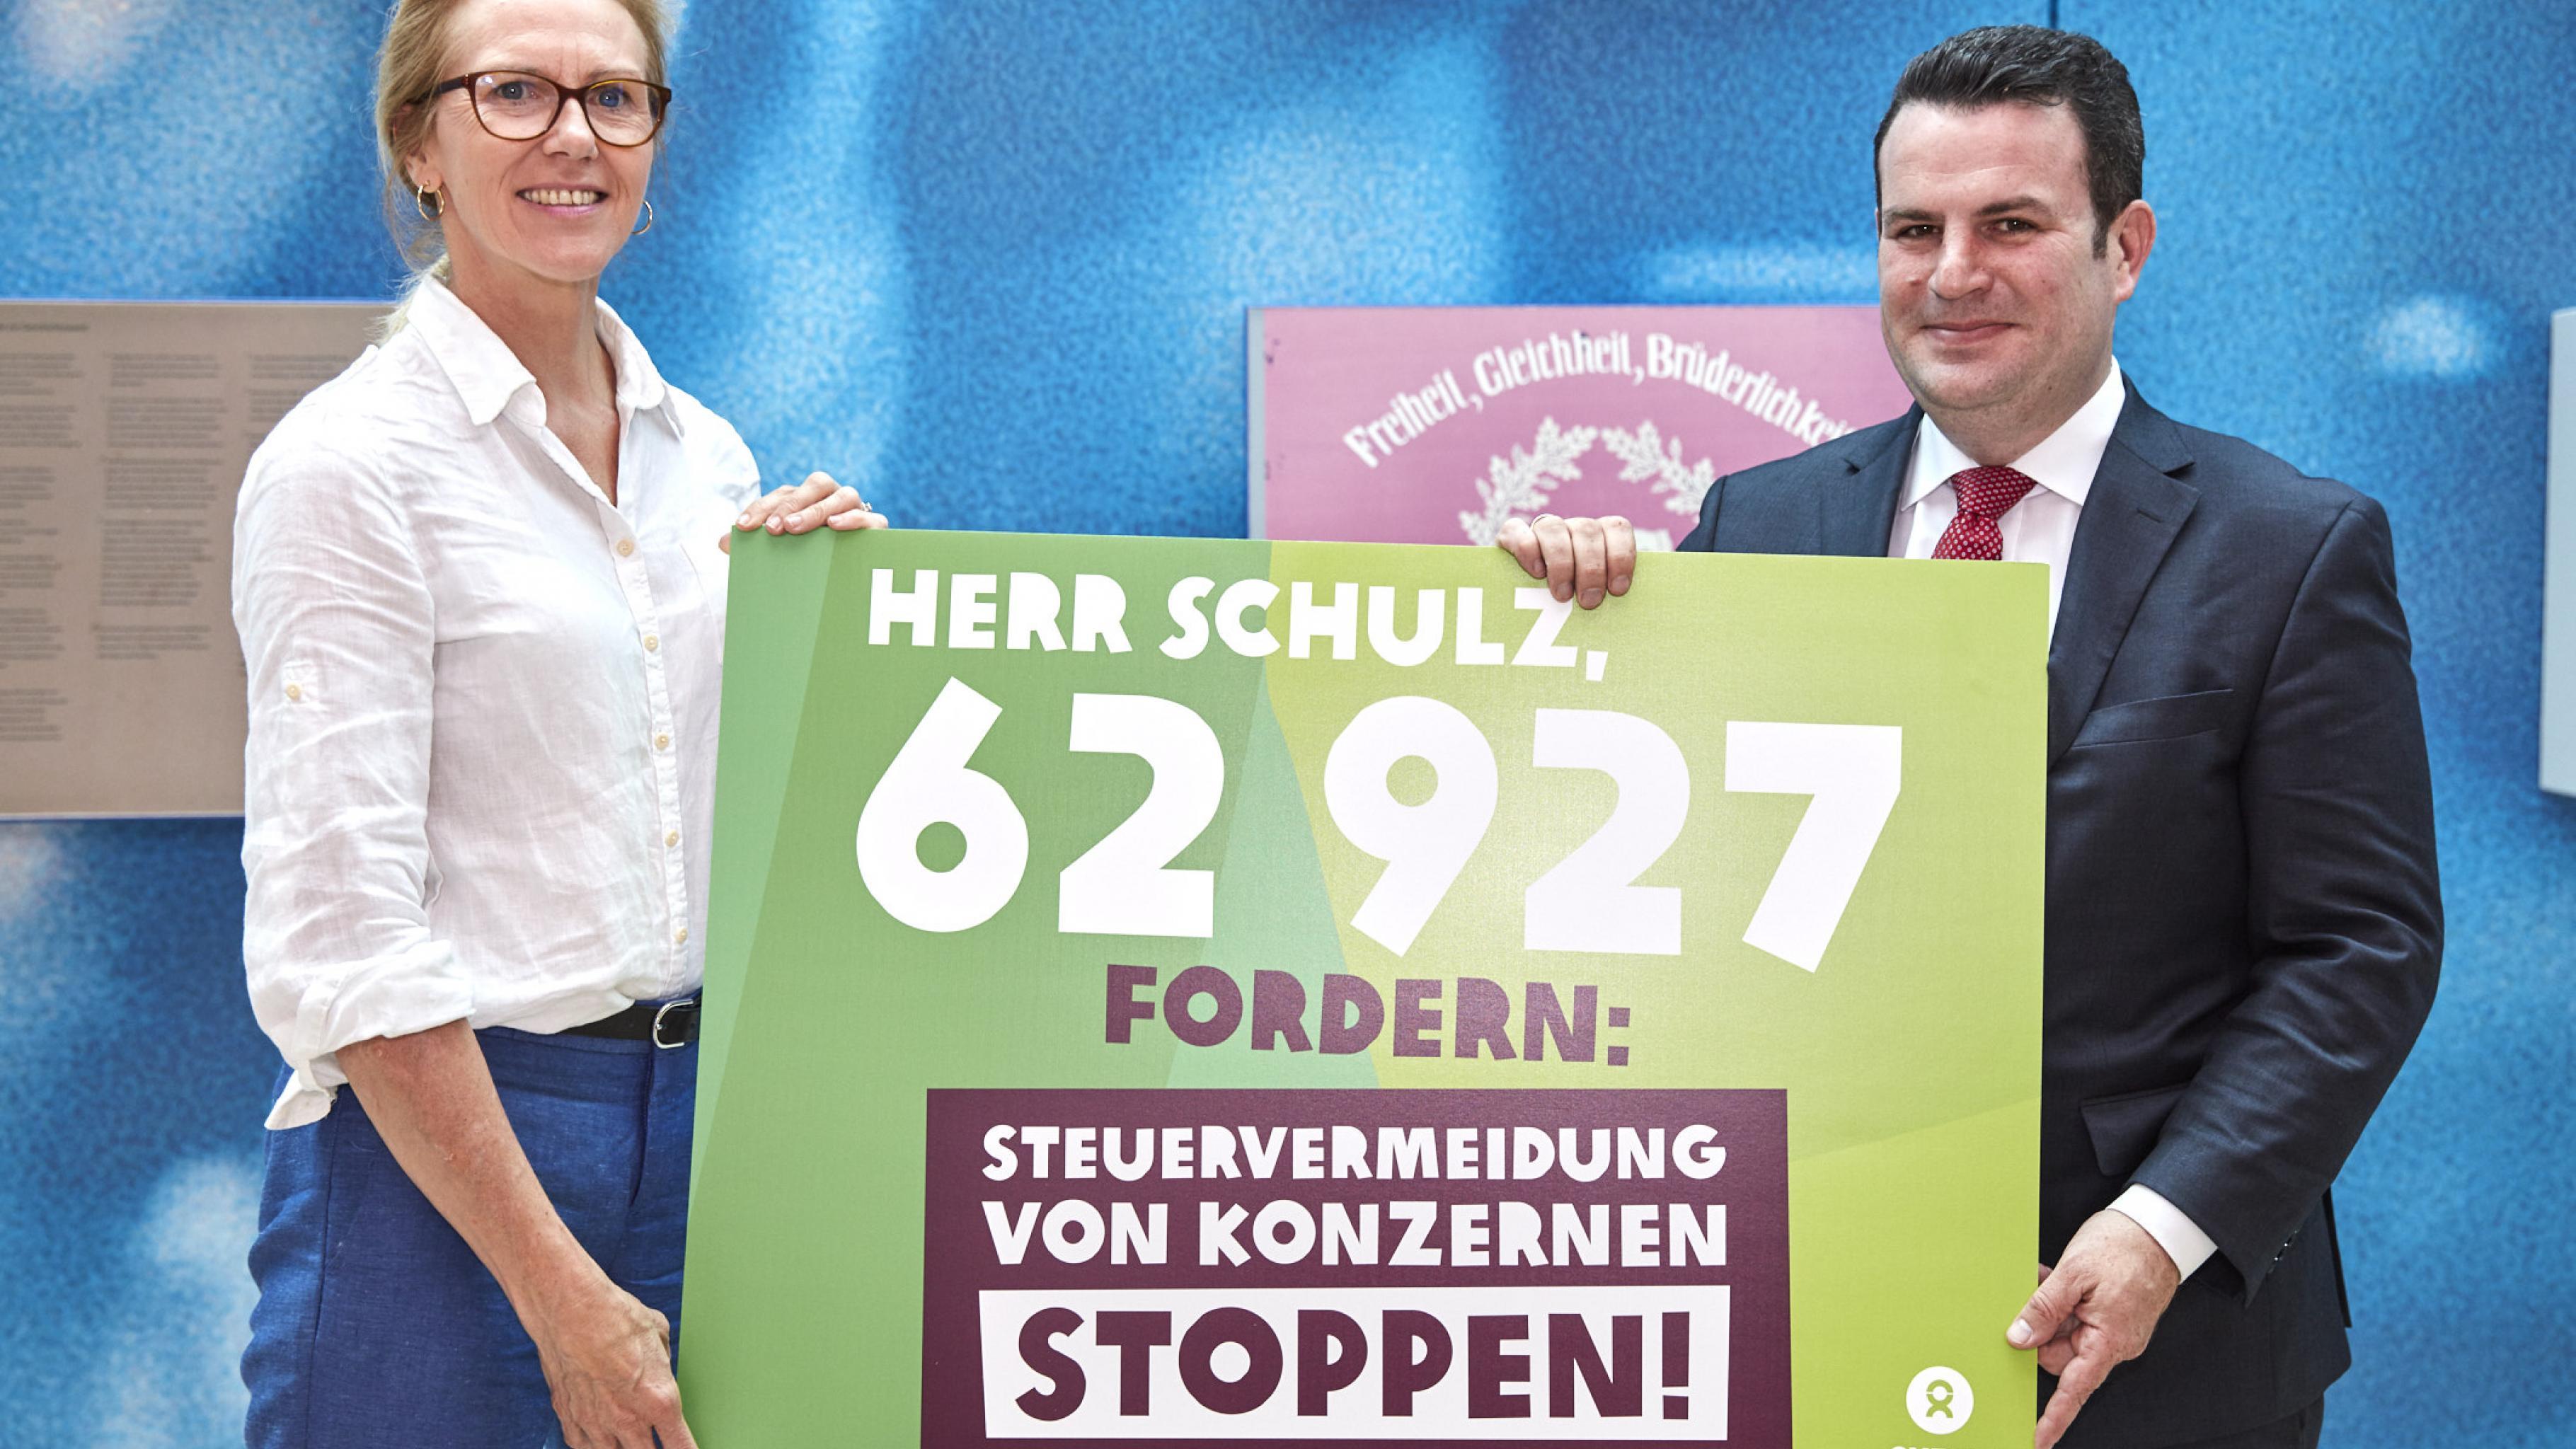 """Marion Lieser und Hubertus Heil halten ein Plakat mit der Aufschrift: """"Herr Schulz, 62927 fordern: Steuervermeidung von Konzernen stoppen!"""""""